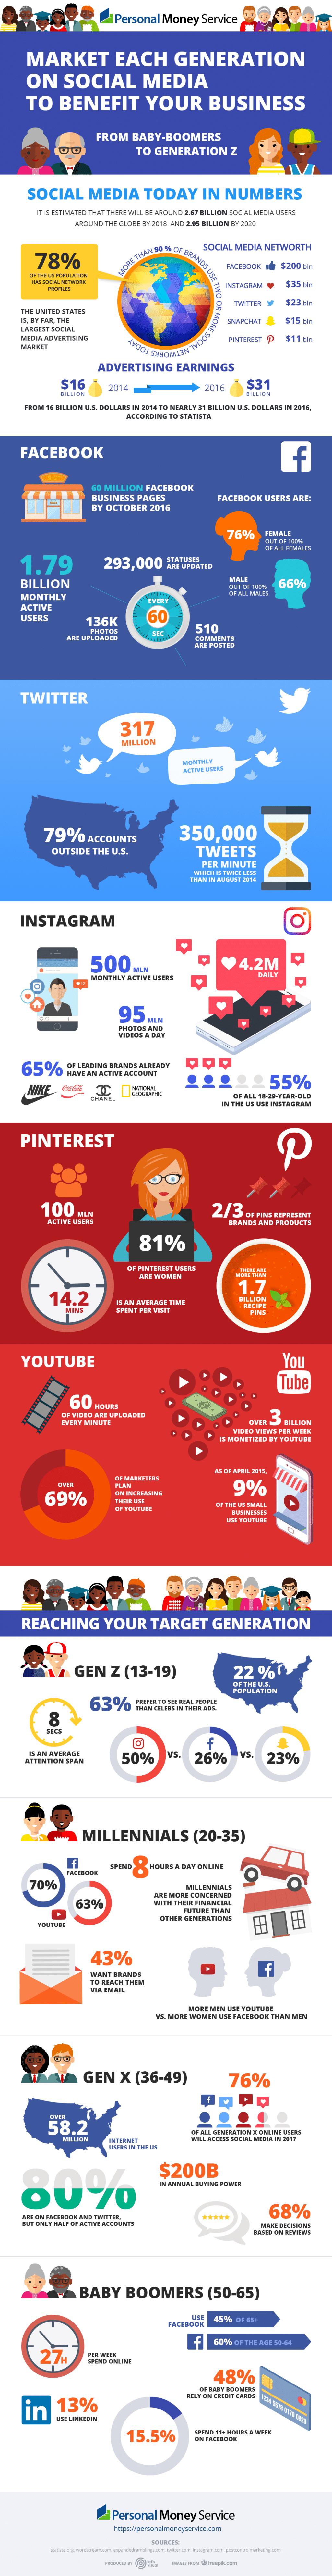 Market Generations On Social Media